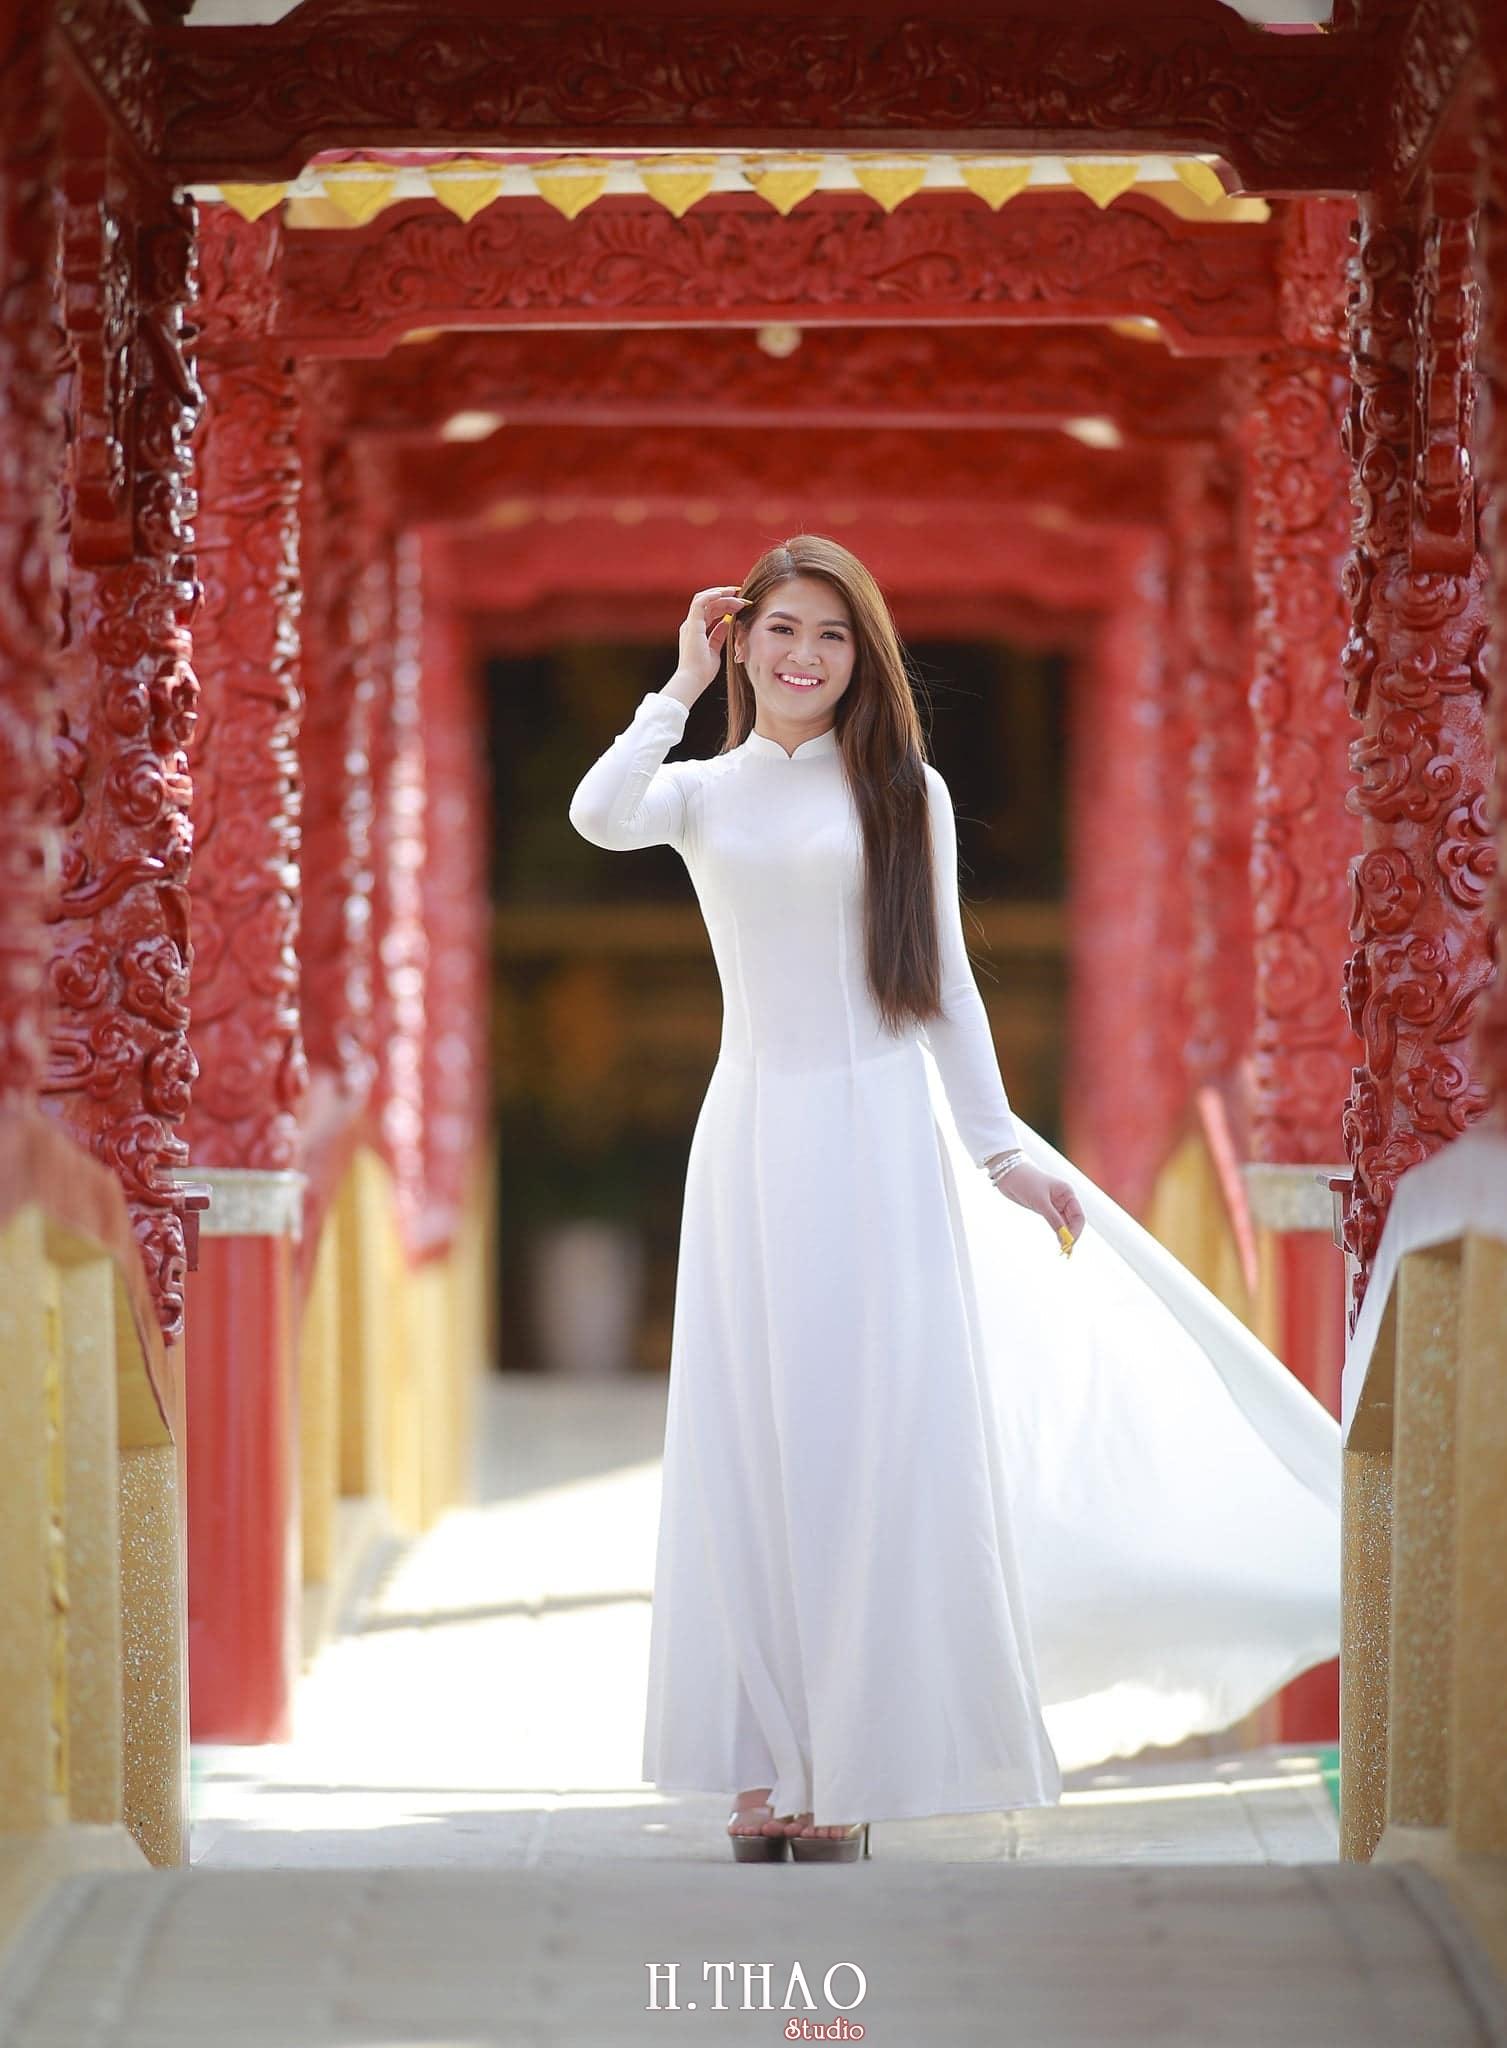 Anh ao dai viet nam 6 - 49 cách tạo dáng chụp ảnh với áo dài tuyệt đẹp - HThao Studio